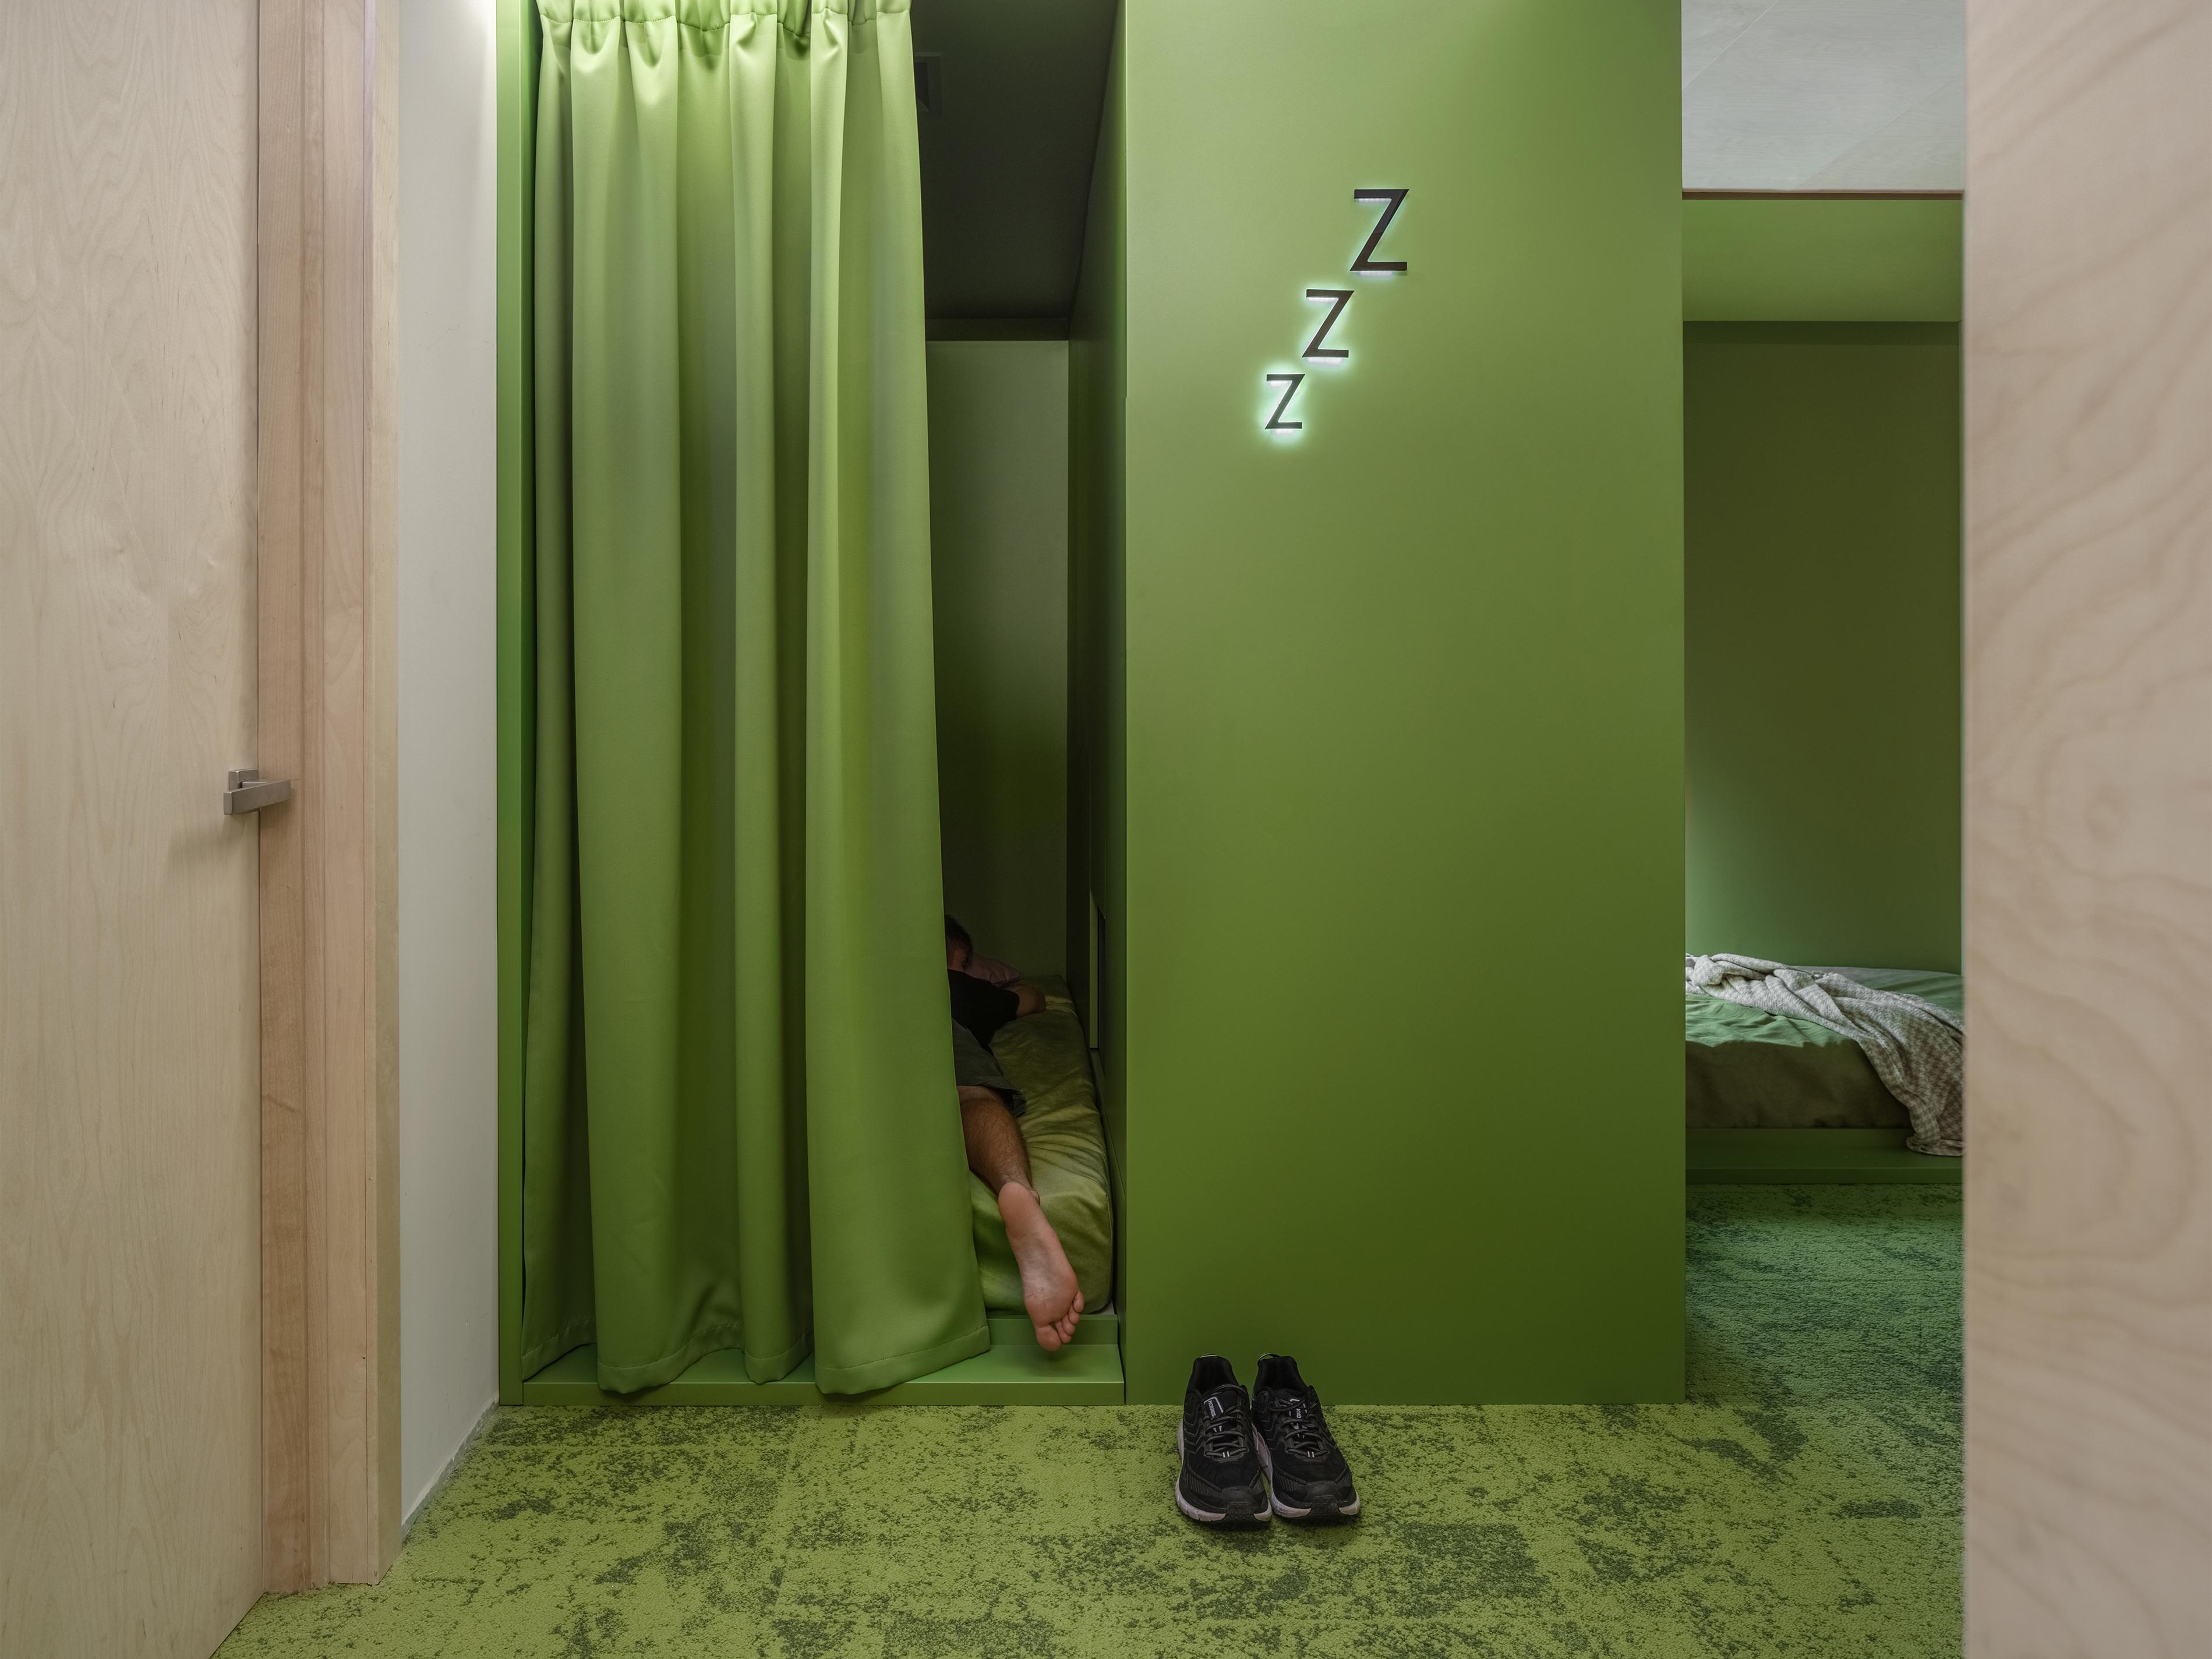 Pokój drzemki dla pracowników, którzy chcą trochę odpocząć :).